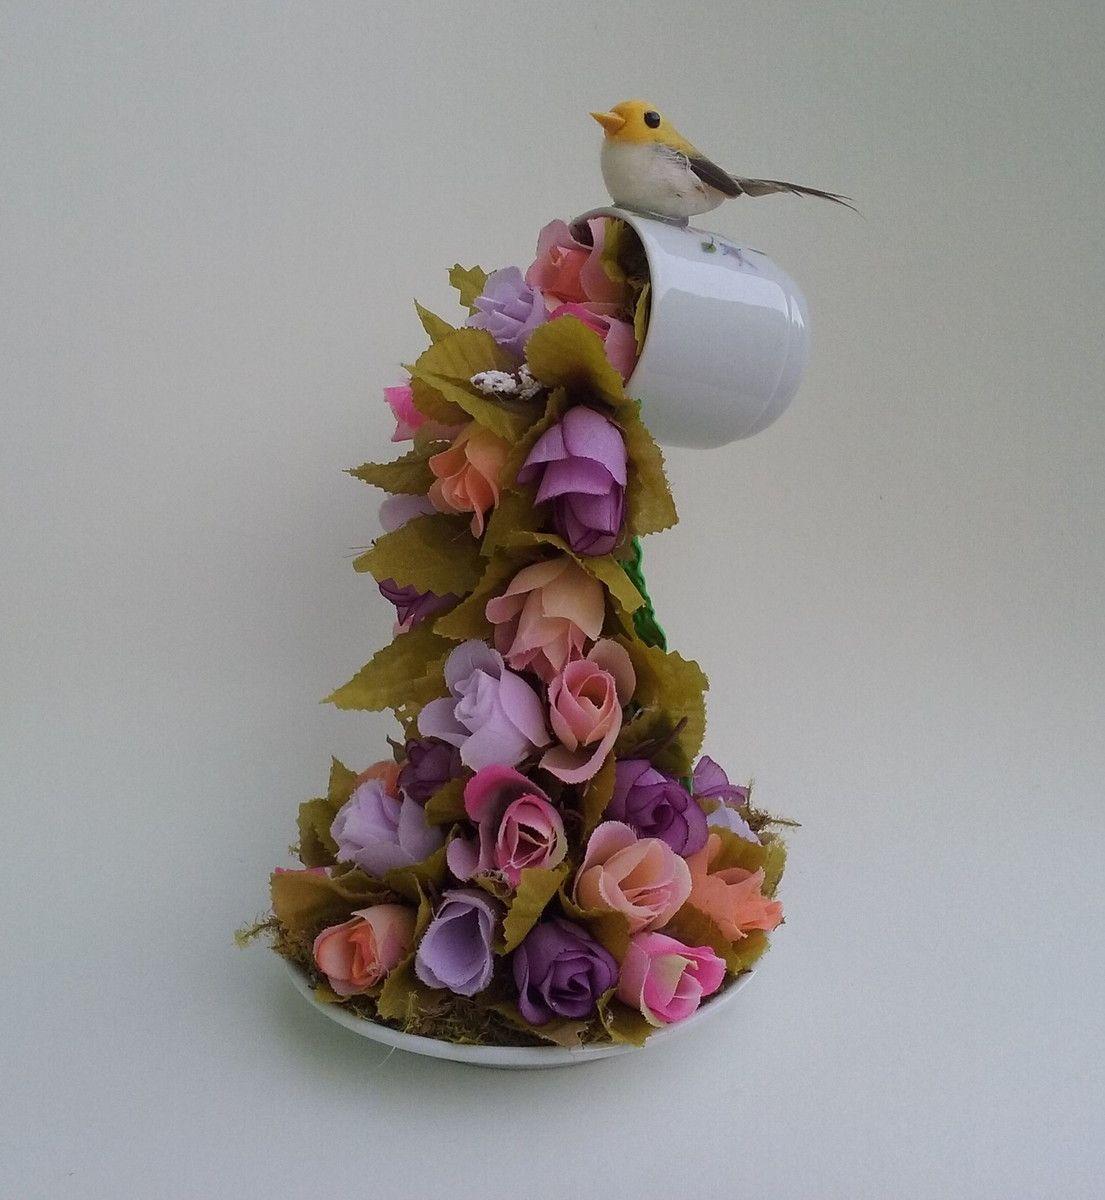 Enfeite De Xicara ~ Xícara Decorada com Flores em Cascata Xicaras decoradas, Flores artificiais e Flores